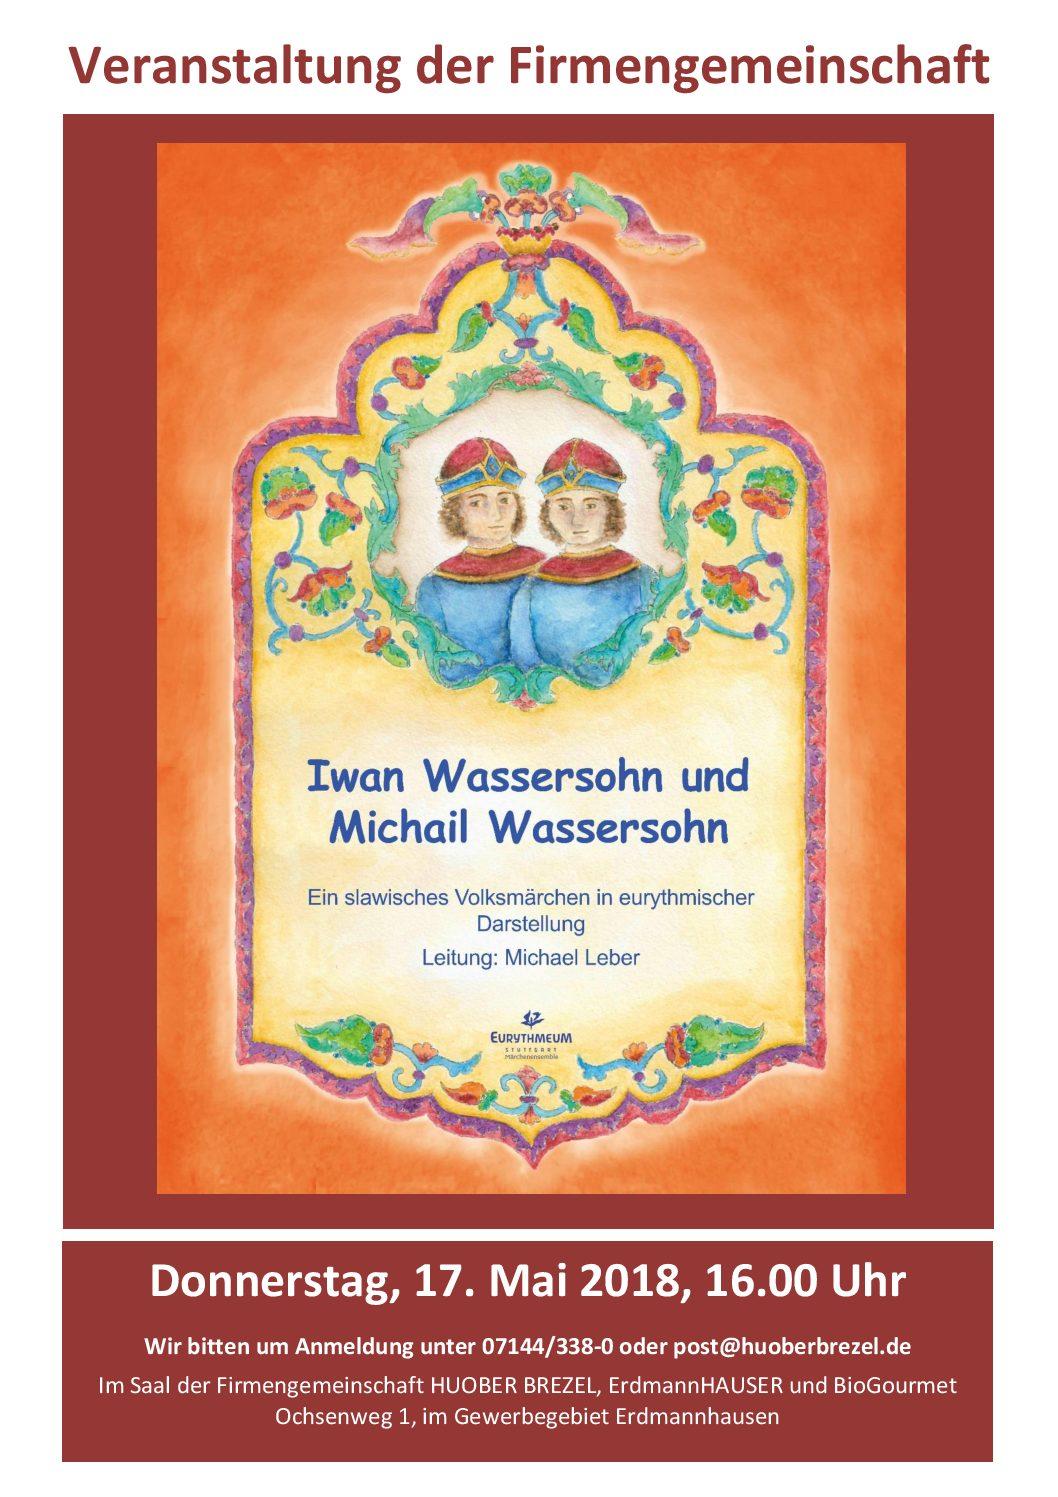 Eurythmeum: Iwan Wassersohn und Michail Wassersohn